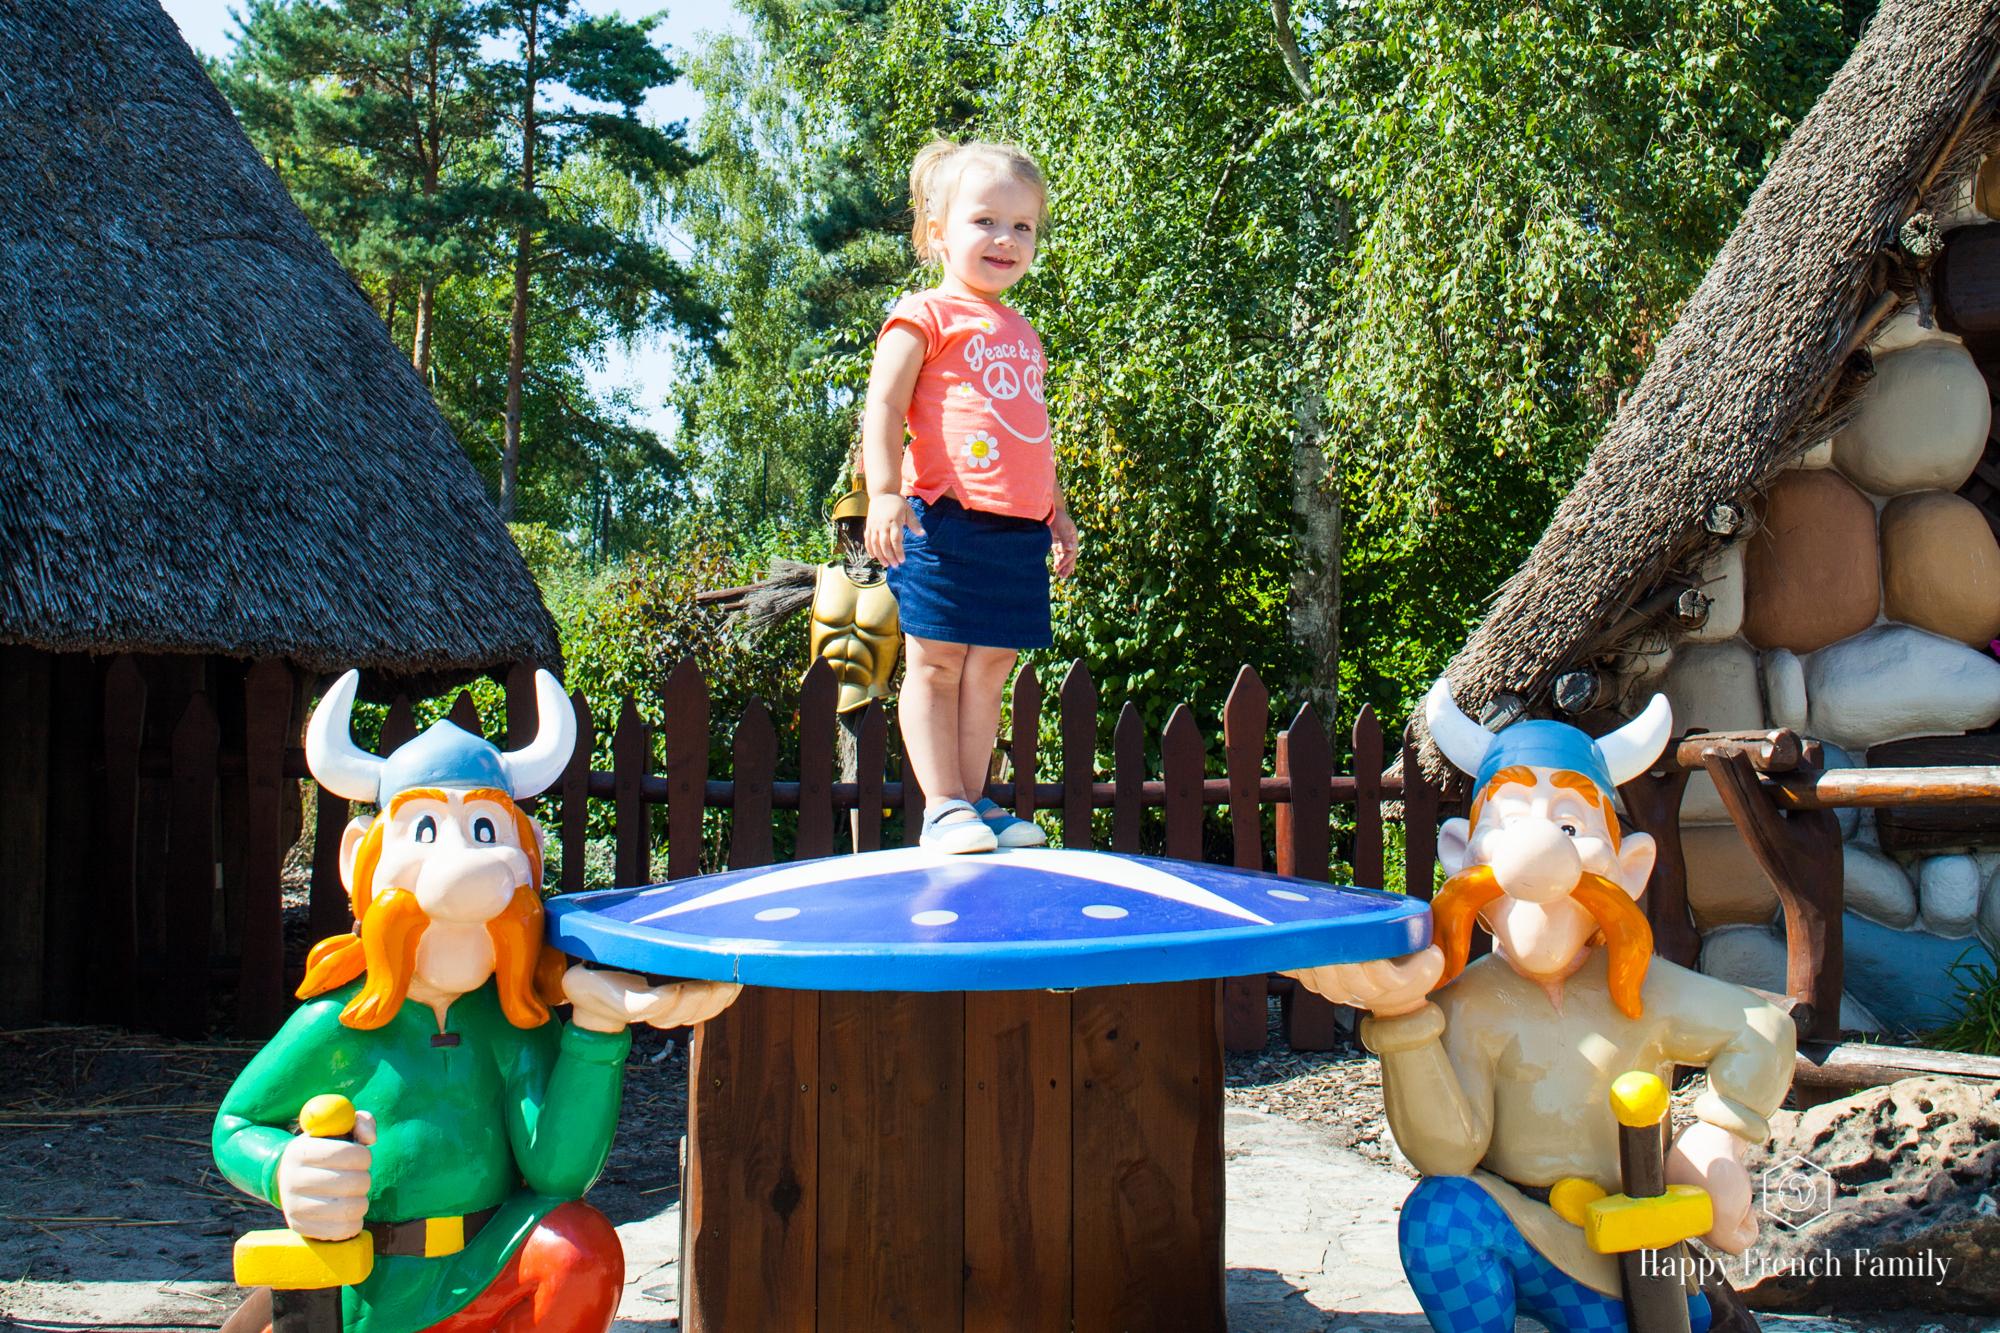 Le Parc Astérix Avec Une Enfant De 2 Ans Et Demi ! – Happy concernant Bebe A 2 Ans Et Demi